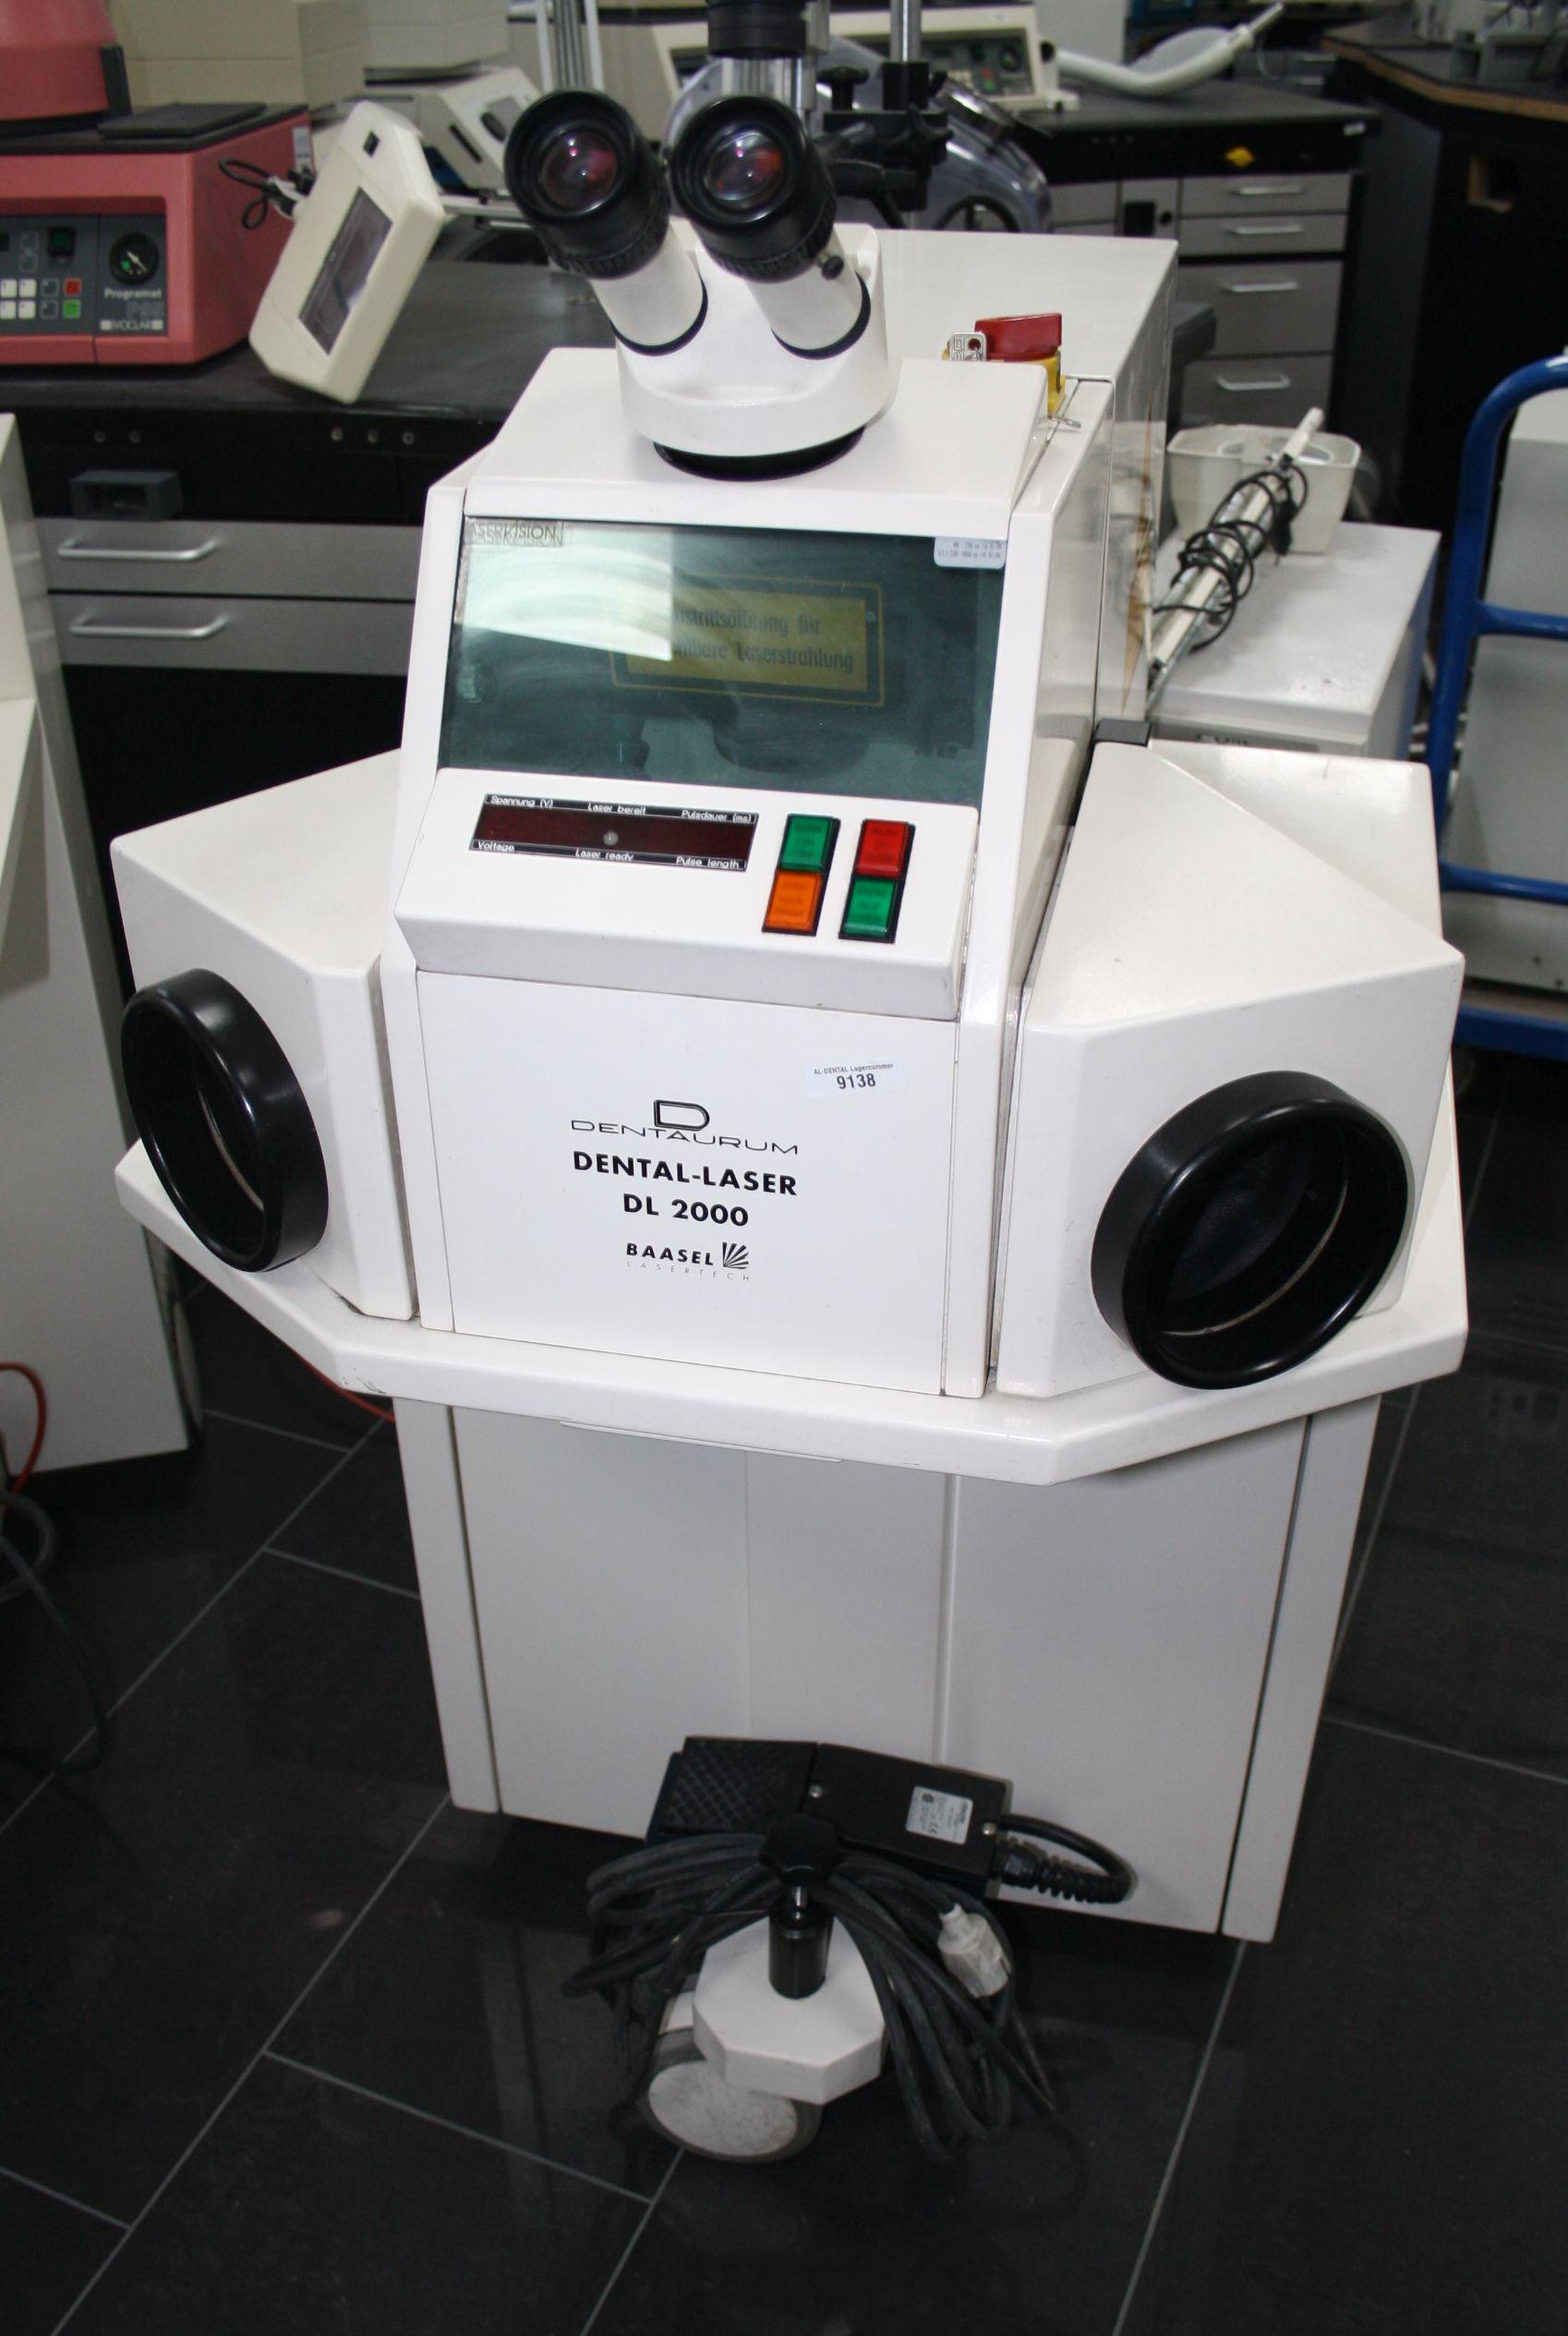 DENTAURUM Laser  / Laserschweißgerät / Dental-Laser DL 2000